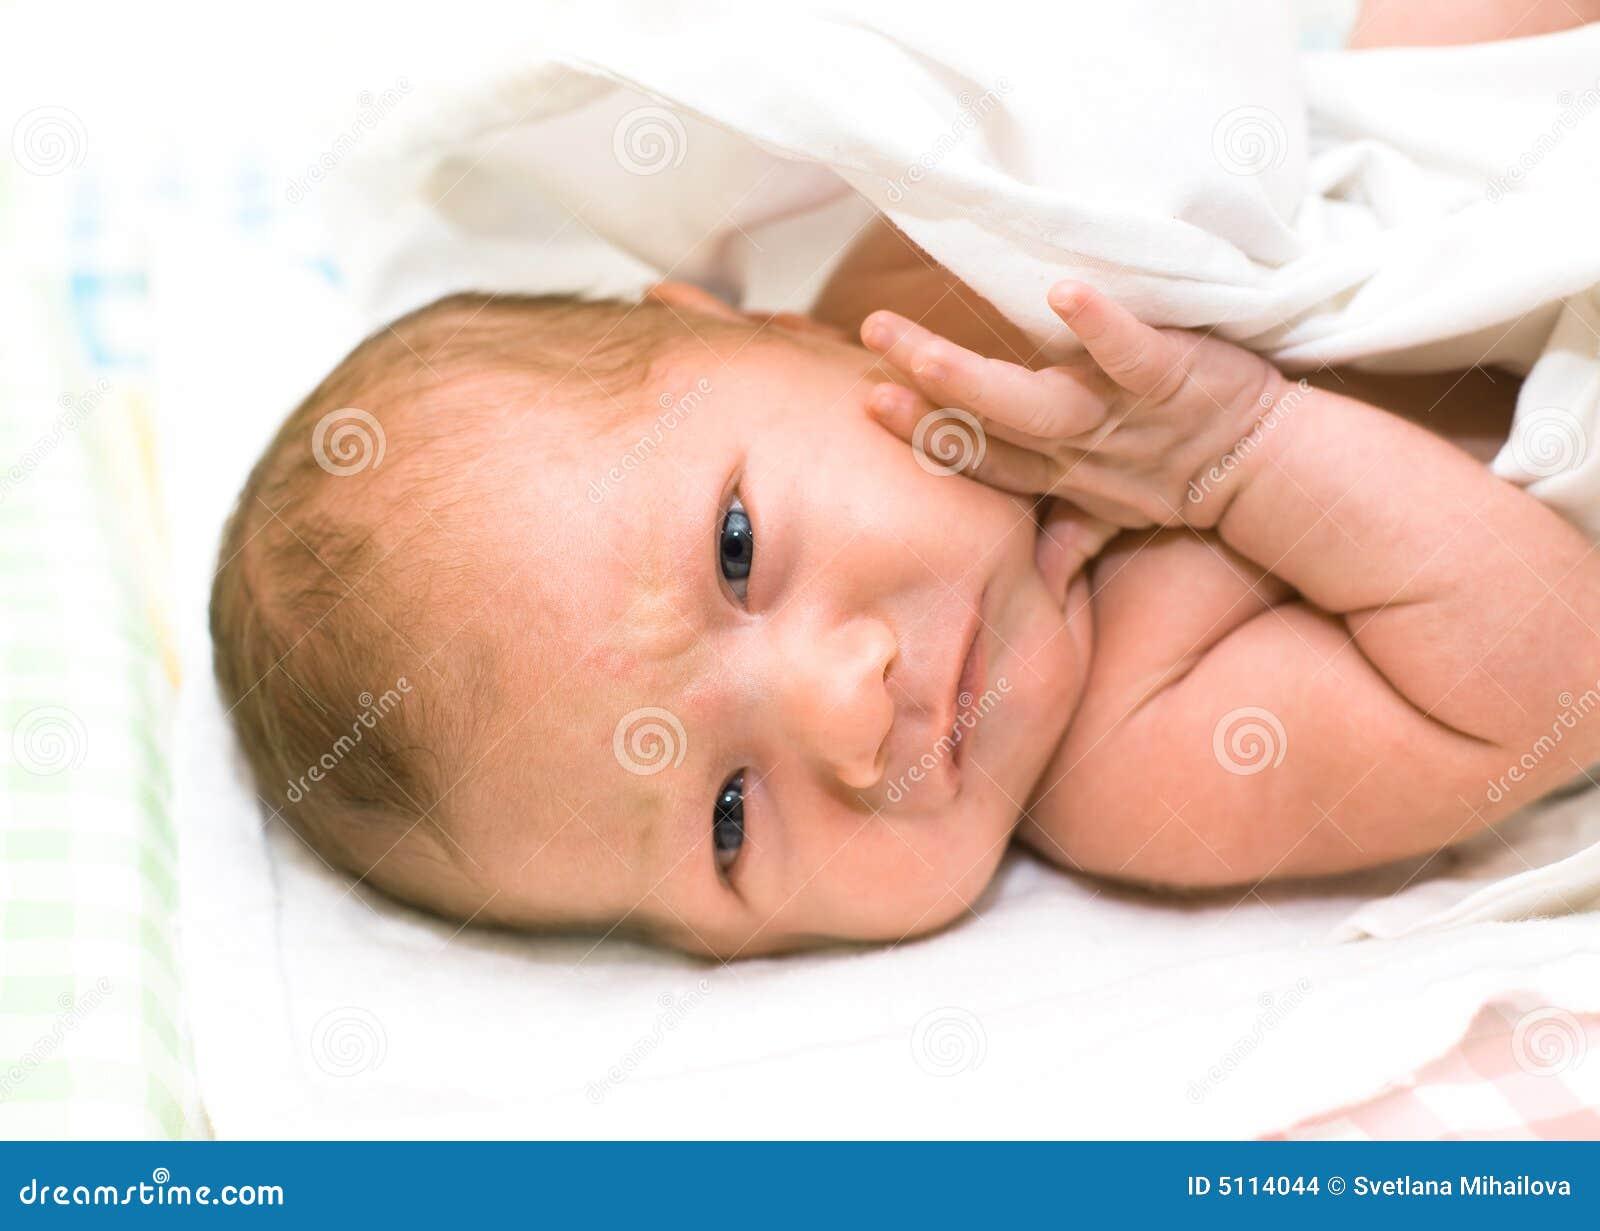 Рахит у 7 месячного ребенка фото